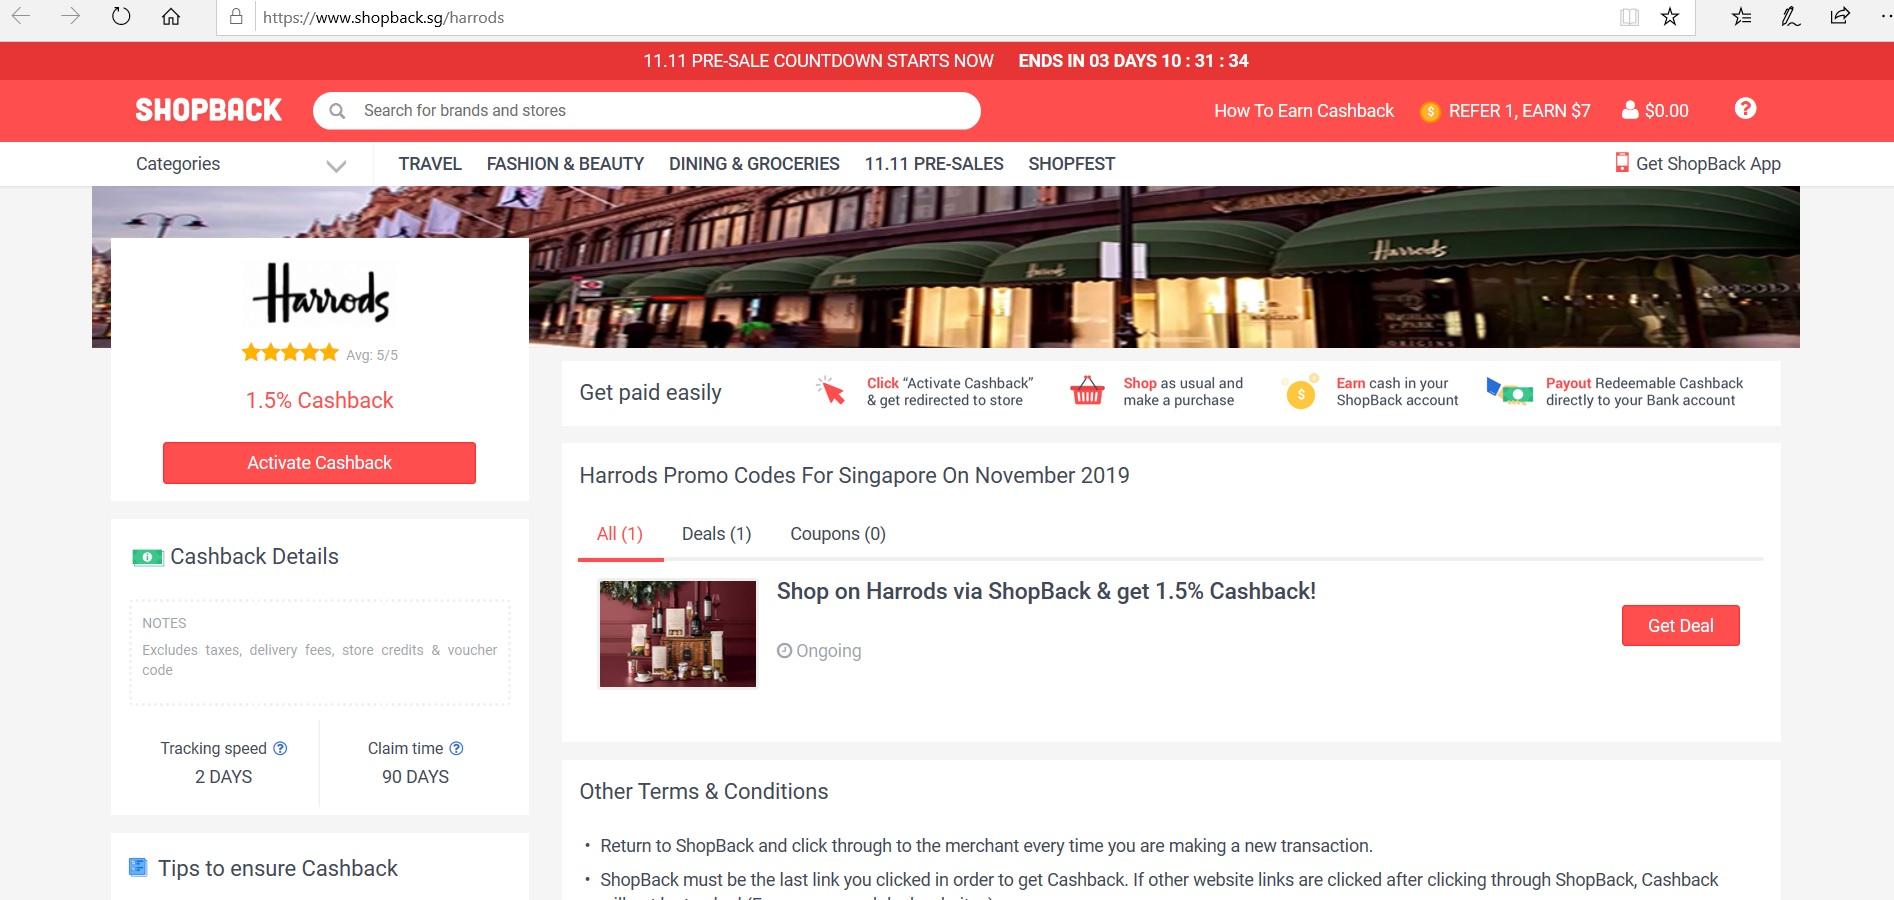 Harrods page on ShopBack.